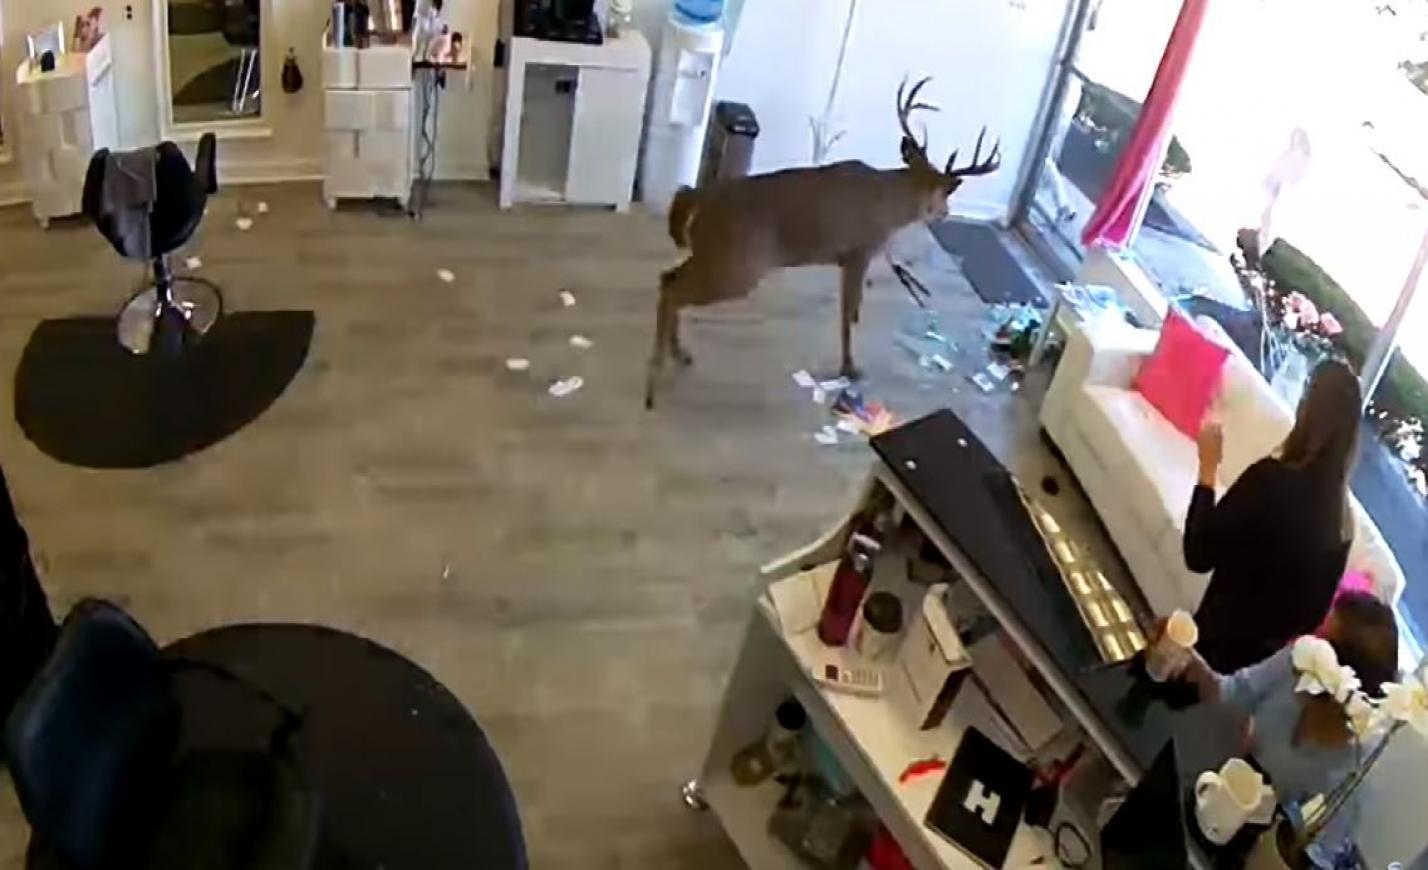 Az ablakon át ugrott be egy szarvas egy fodrászatba - videó